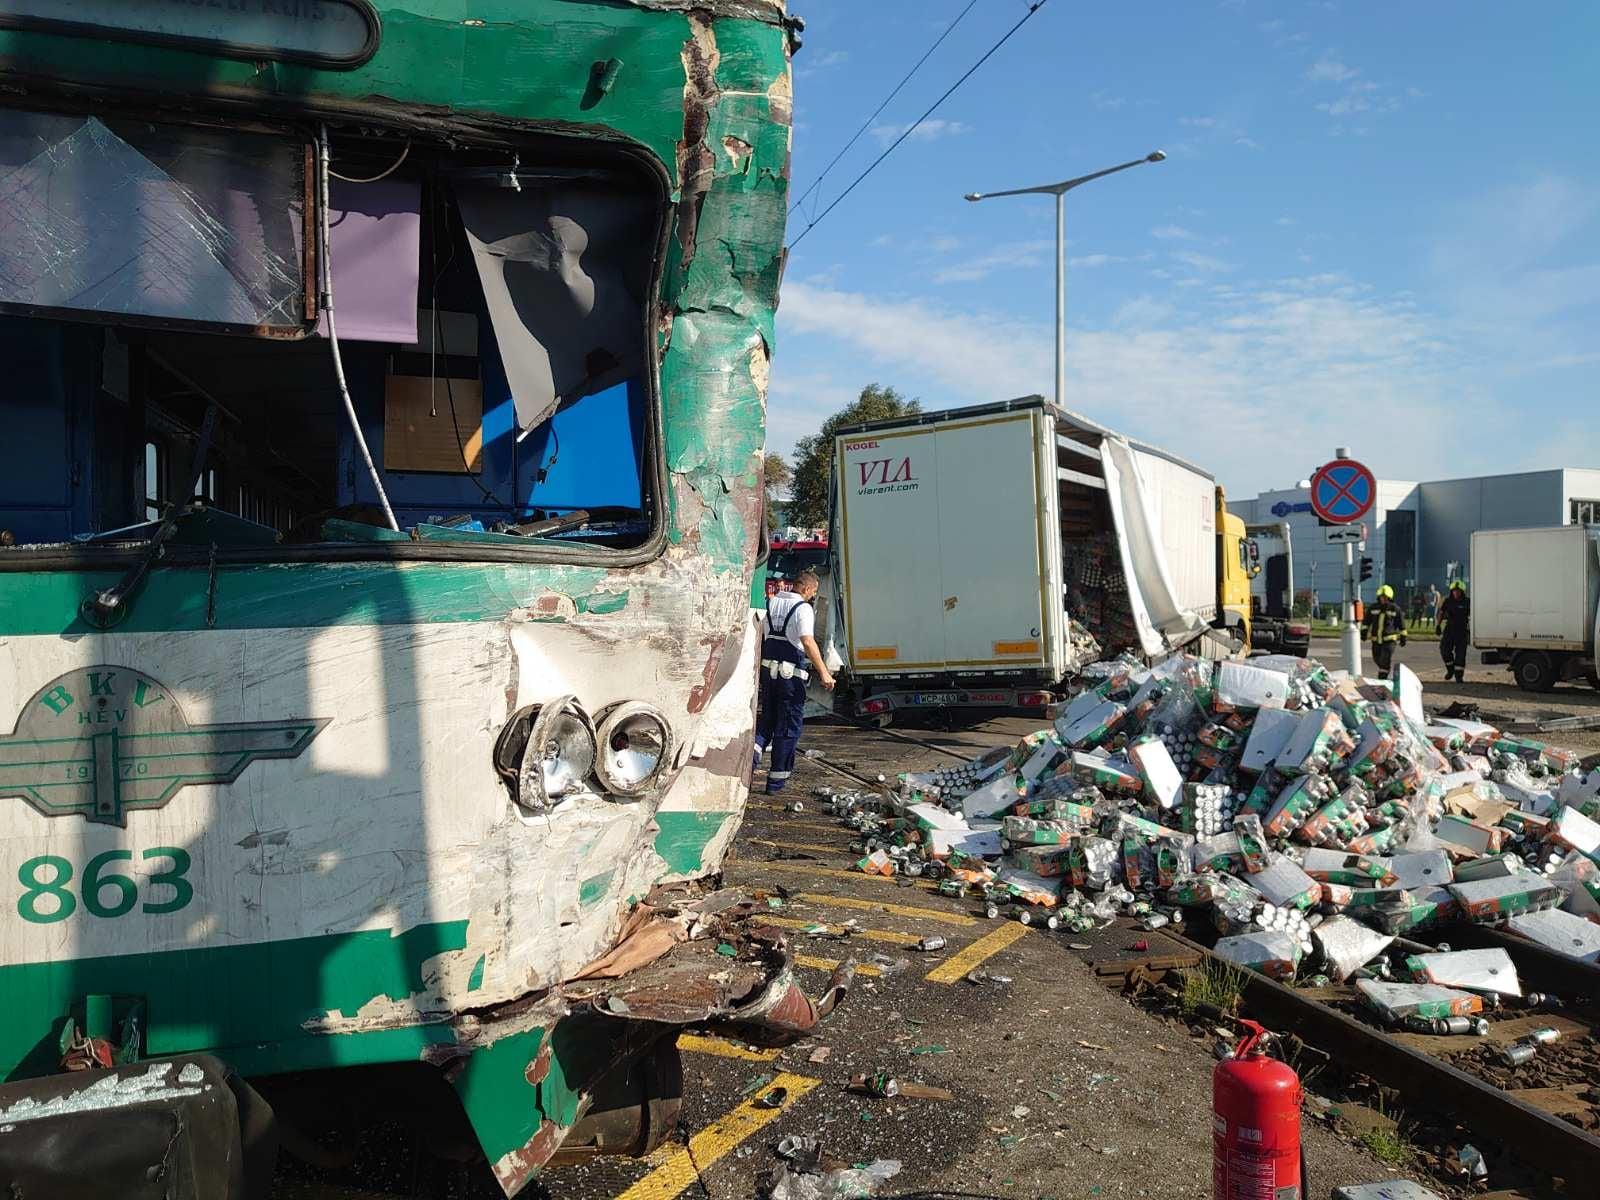 Üdítőket szállító kamionnal ütközött a HÉV Soroksáron